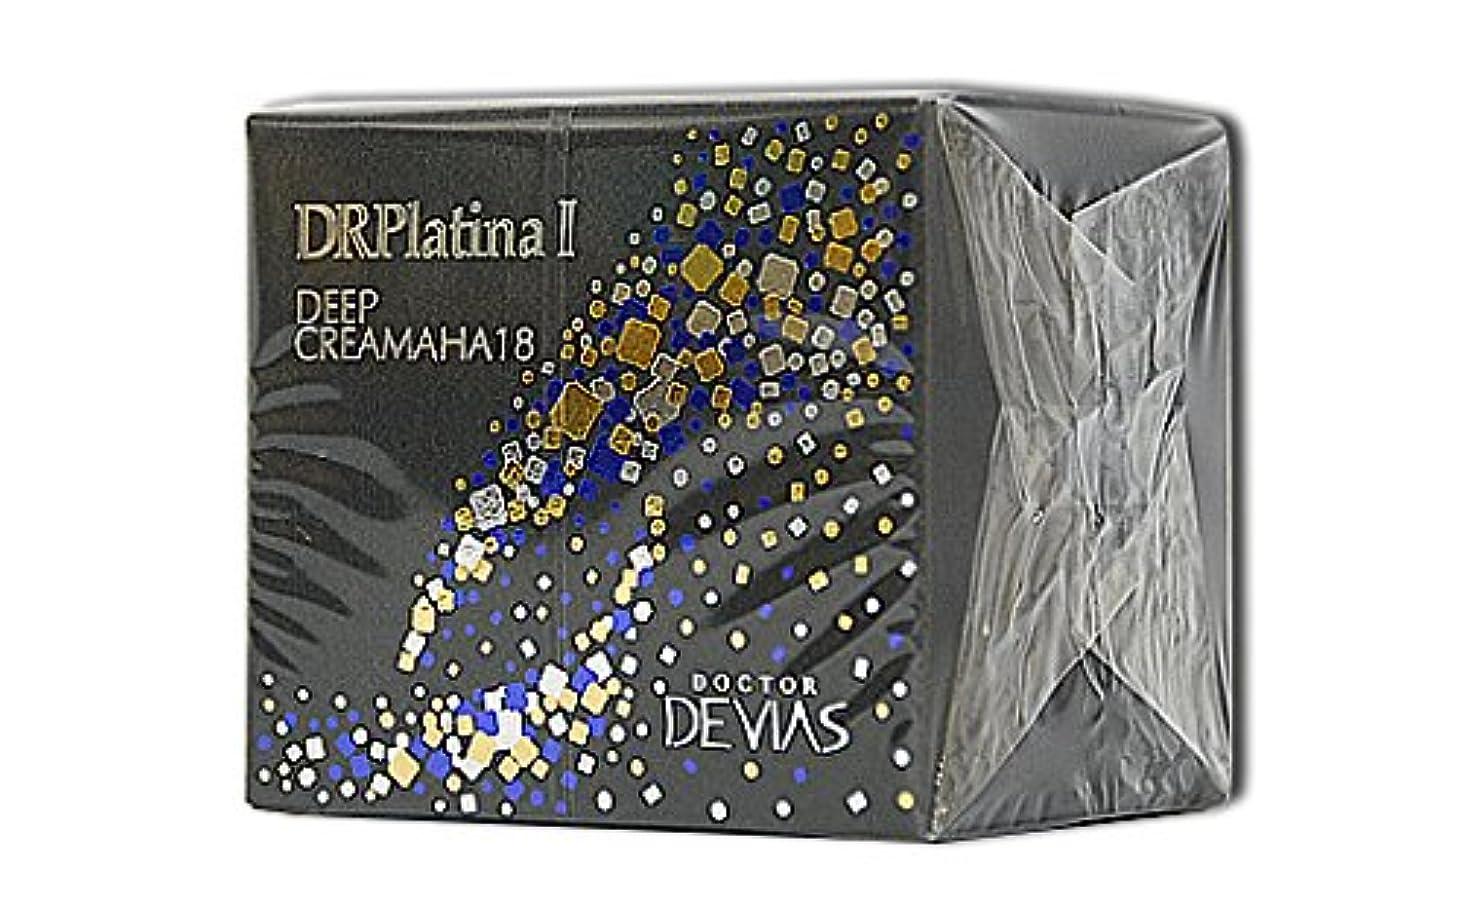 出費保育園勢いDRデヴィアス プラチナ ディープ クリーム AHA18 Ⅱ 30g